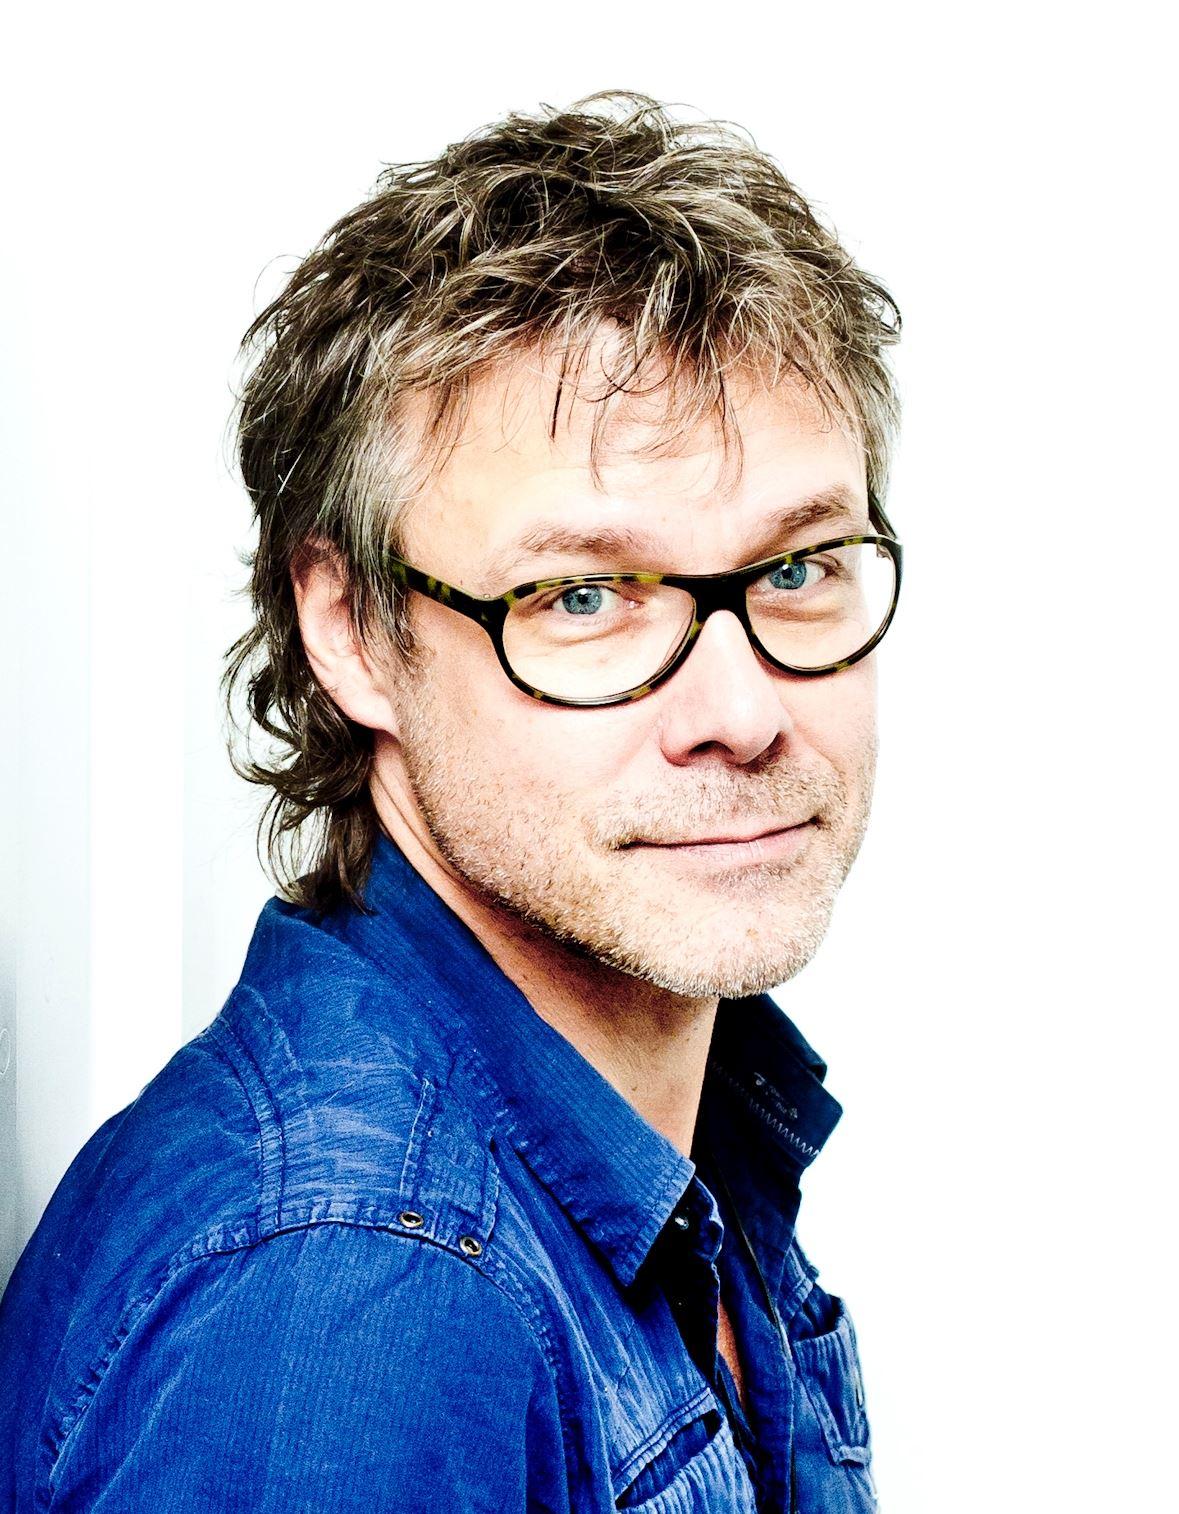 Konsert med Mikael Samuelsson och Lennart Simonsson